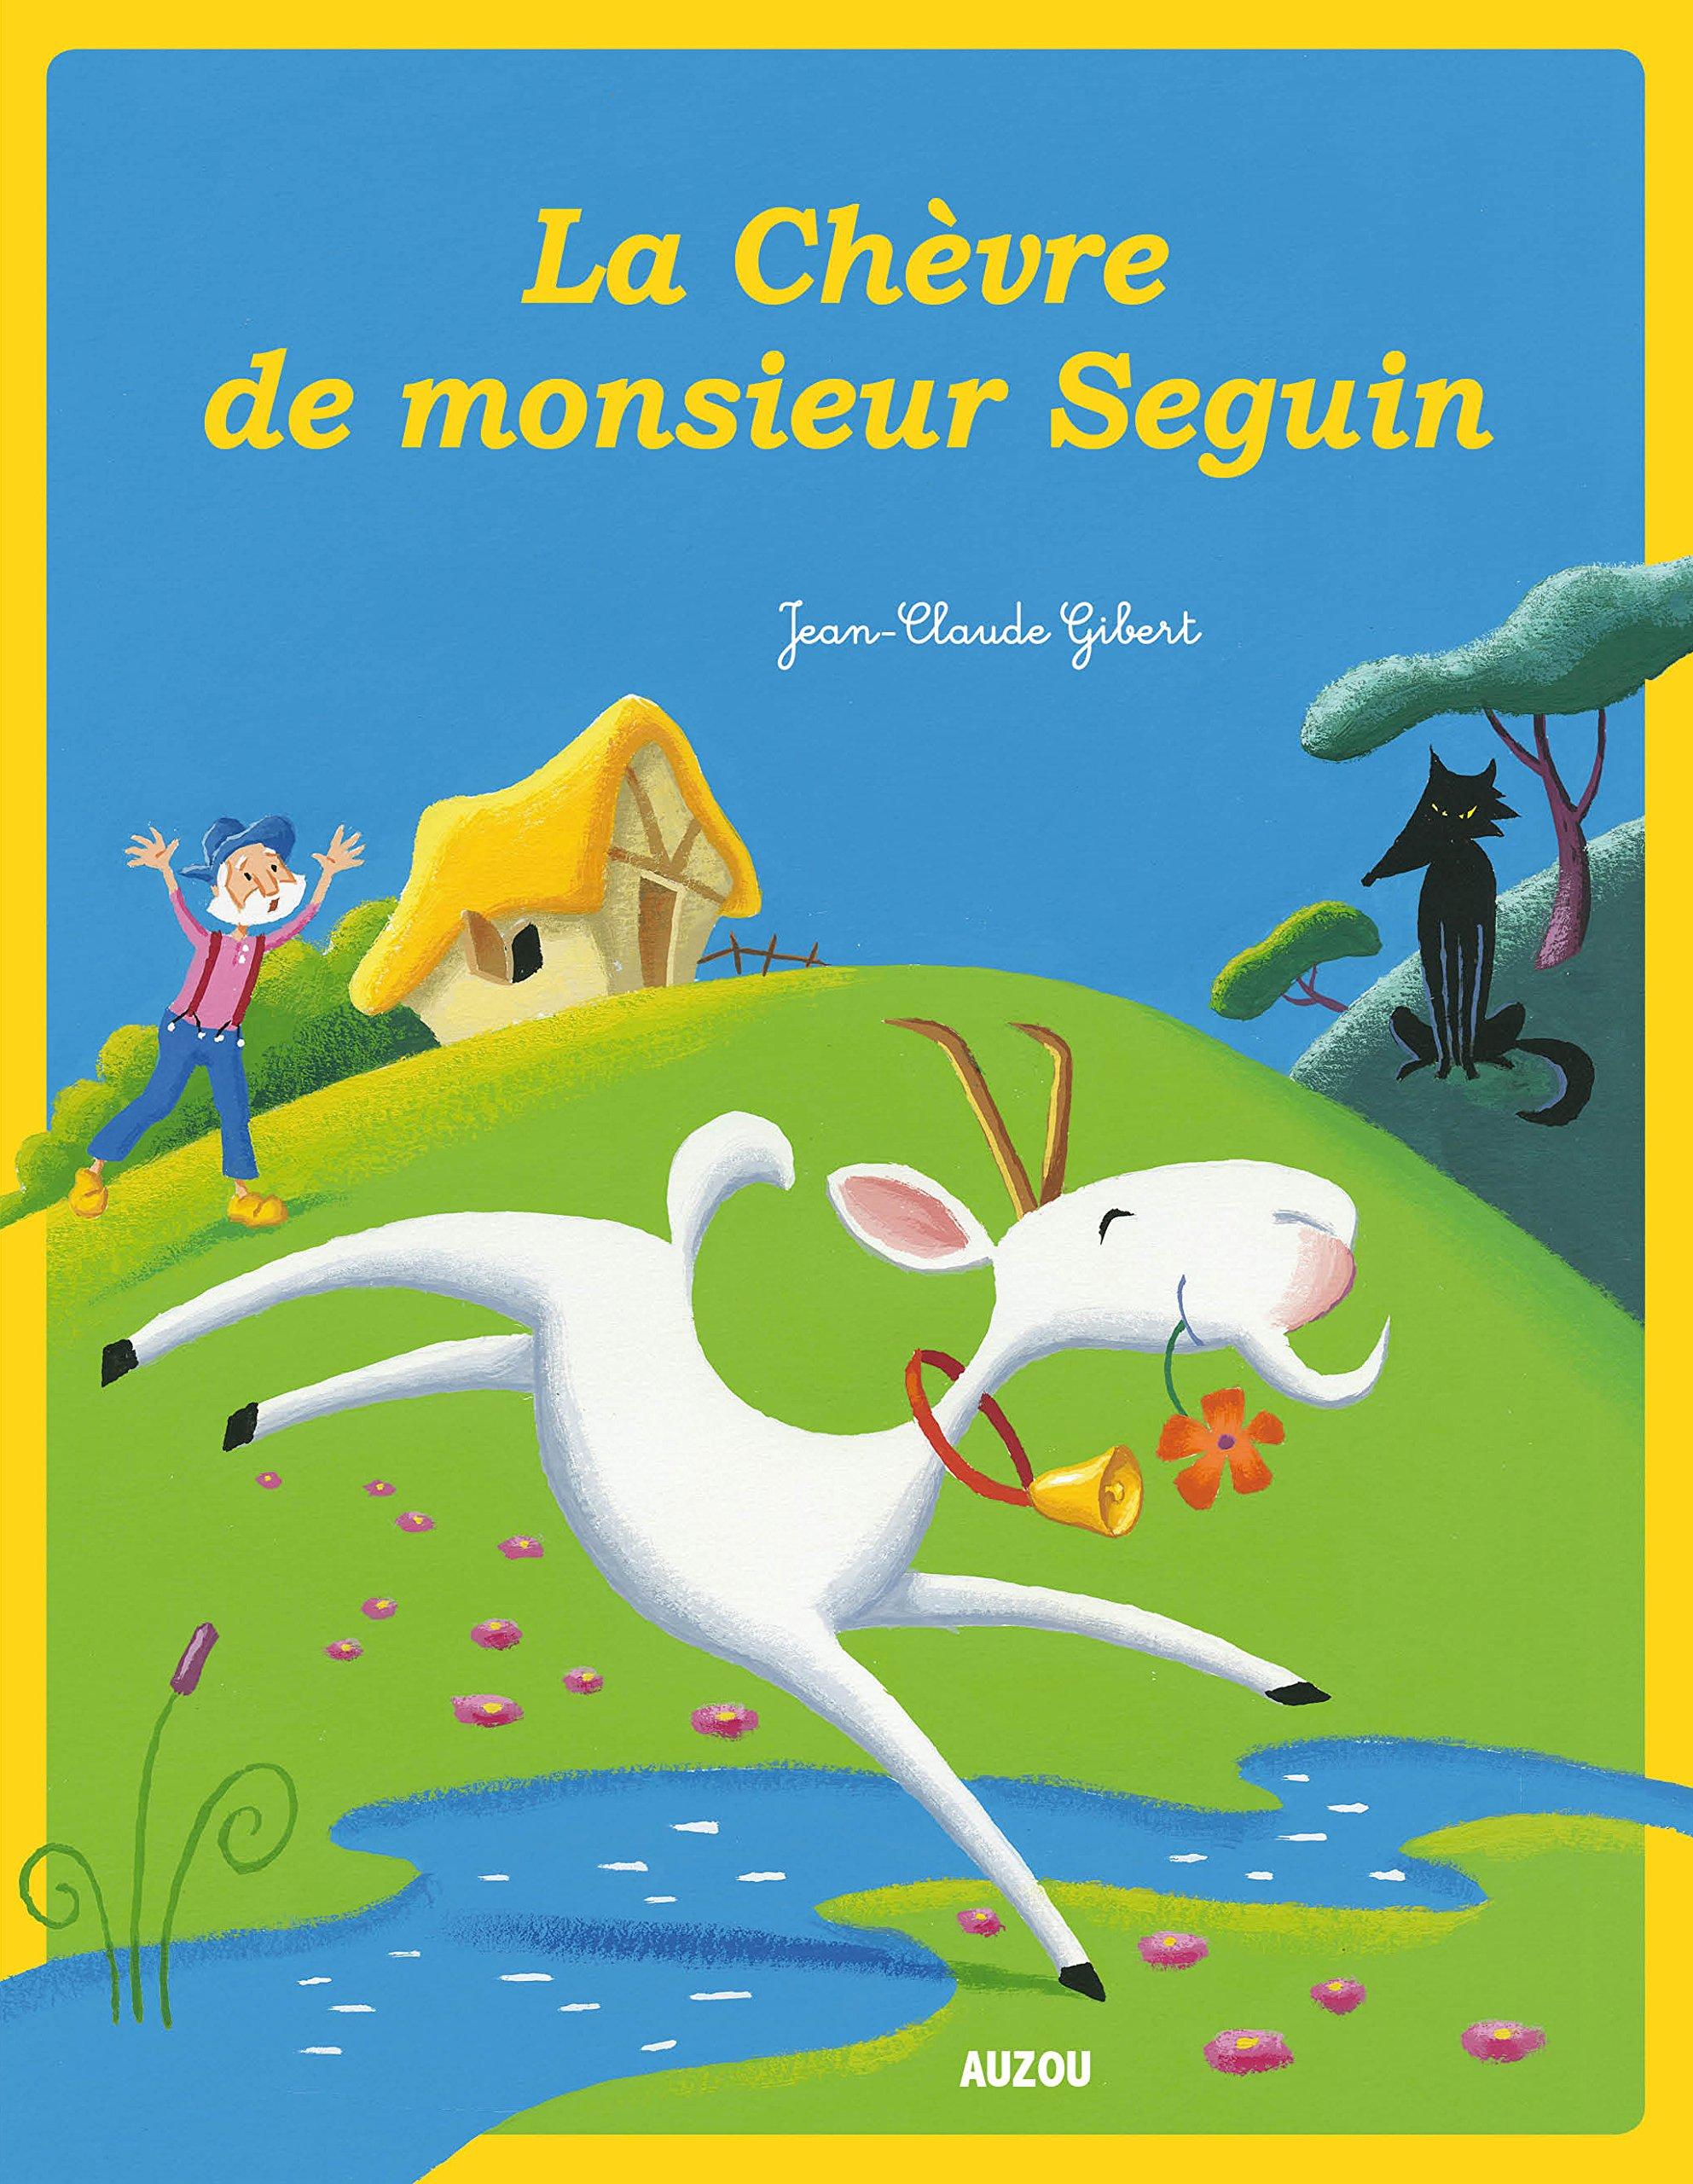 Uncategorized Monsieur Seguin amazon fr la chevre de monsieur seguin jean claude gibert livres